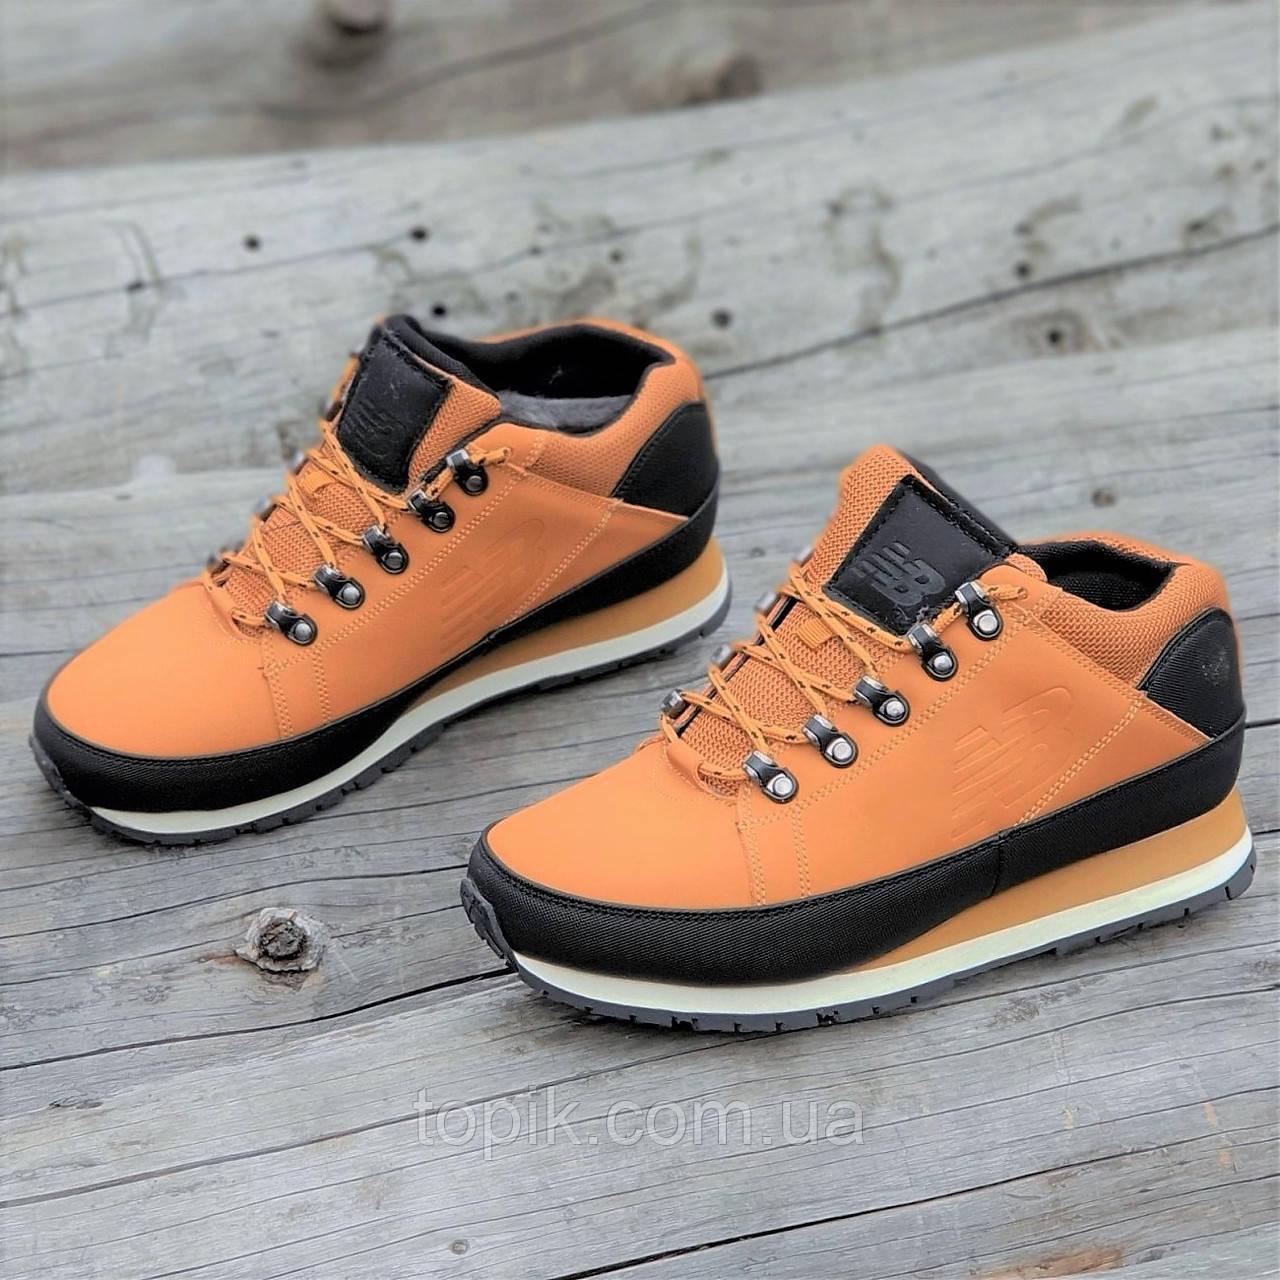 Кроссовки ботинки зимние New Balance 754 реплика мужские кожаные рыжие легкие удобные (Код: 1292a)